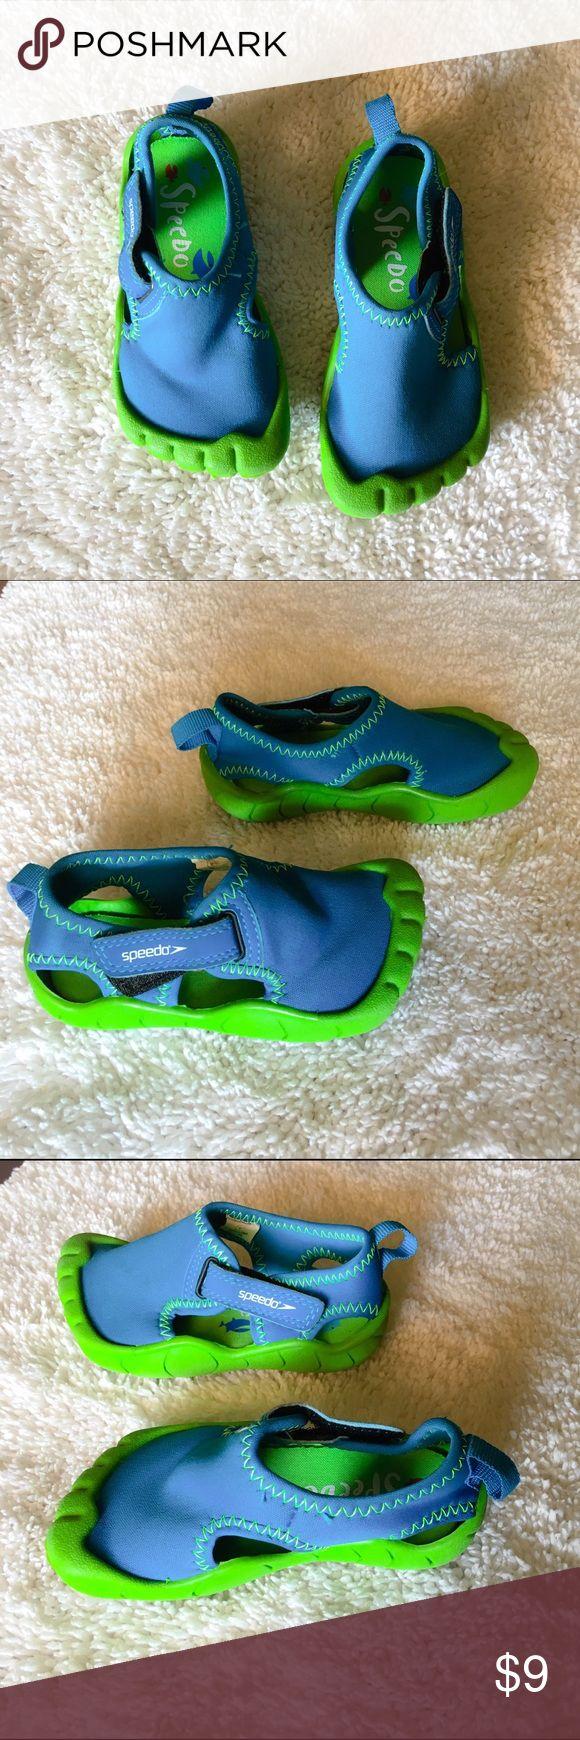 Speedo size M  7-8 Little kids water shoes 💦 Speedo size (M) 7-8 little kids water shoes in great shape worn Twice! Speedo Shoes Water Shoes